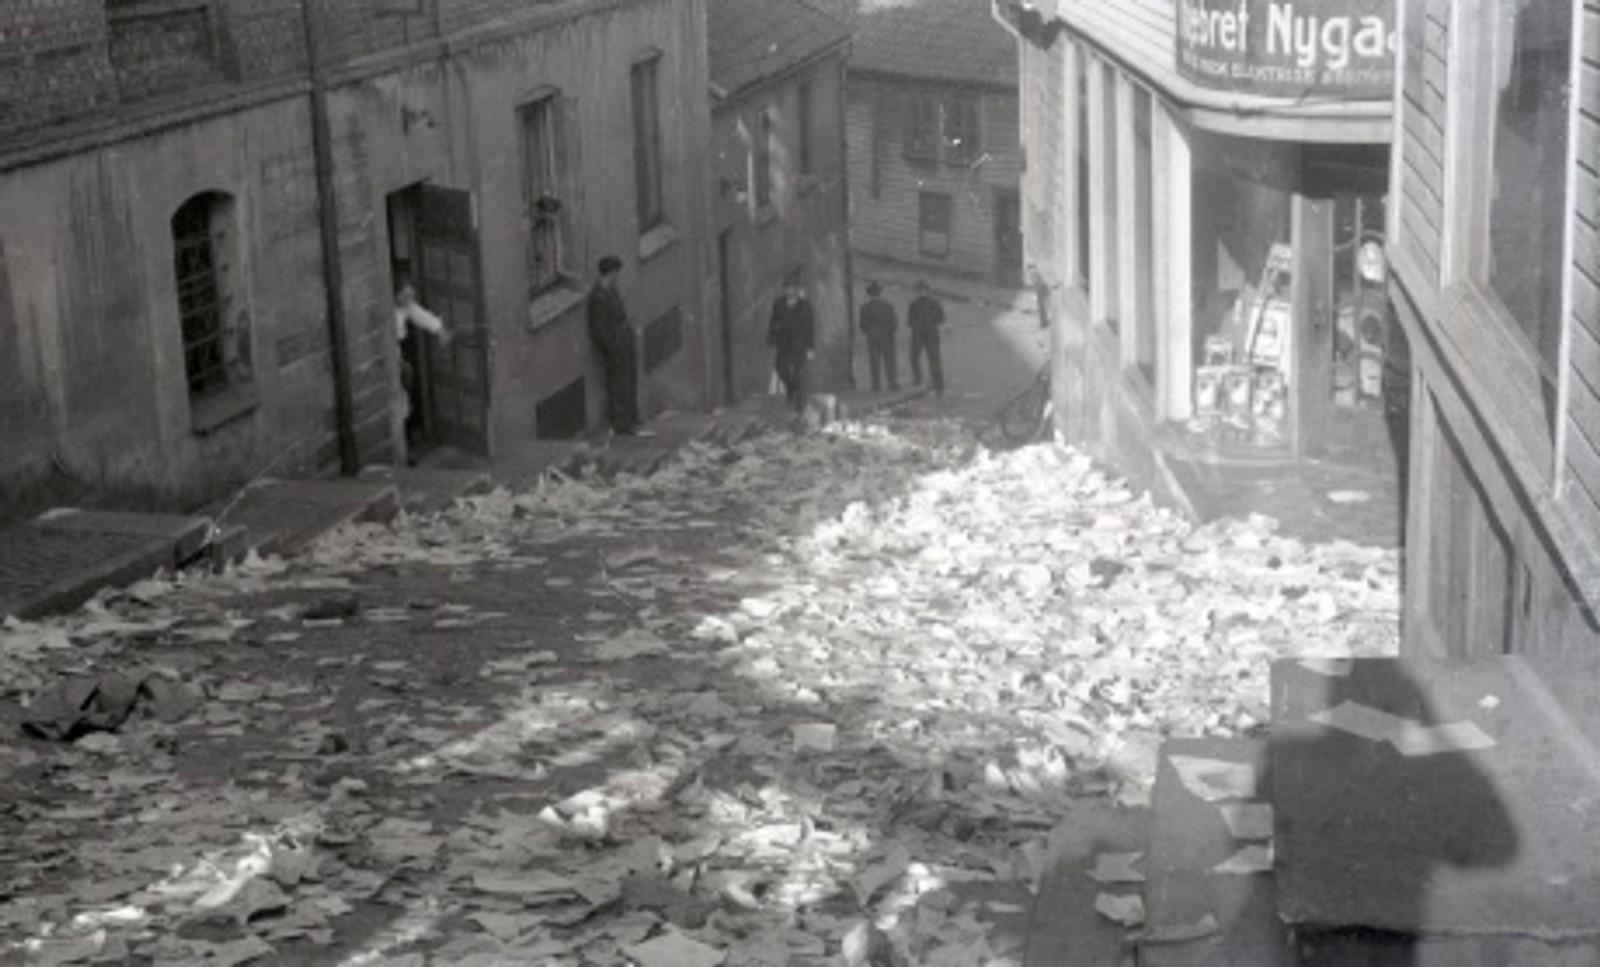 Etter frigjøringen ble kontorene til Nasjonal Samling raidet av byens befolkning og gatene i sentrum fløt med dokumenter.